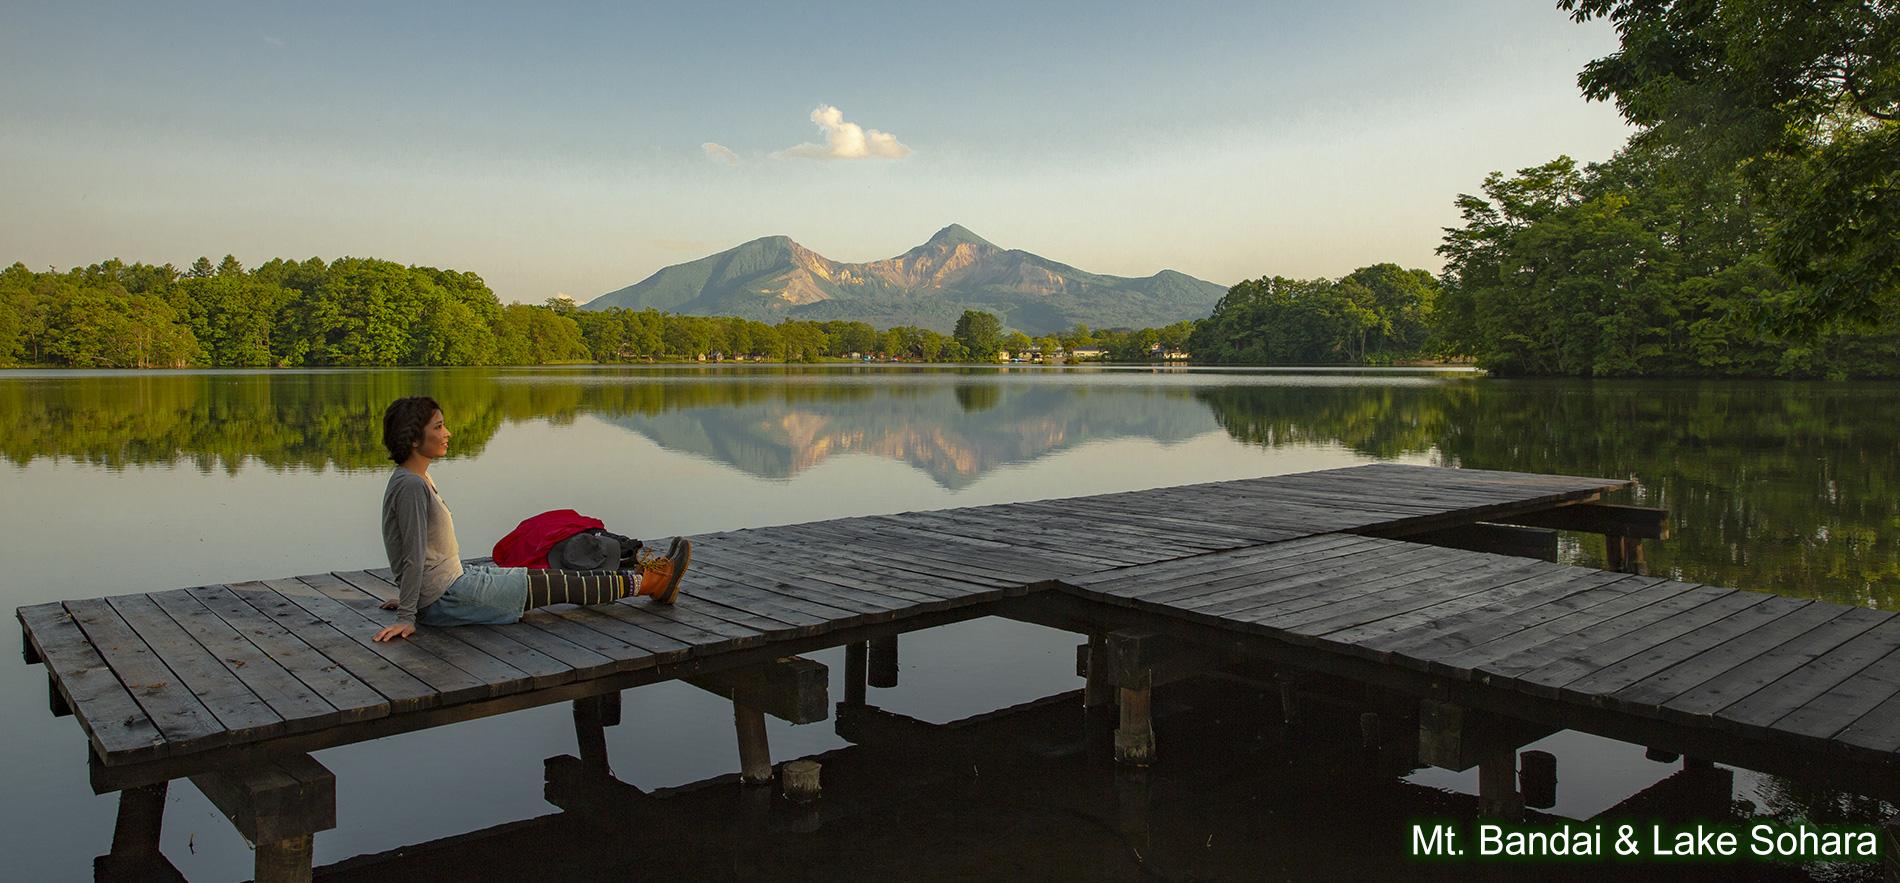 Mt. Bandai & Lake Sohara